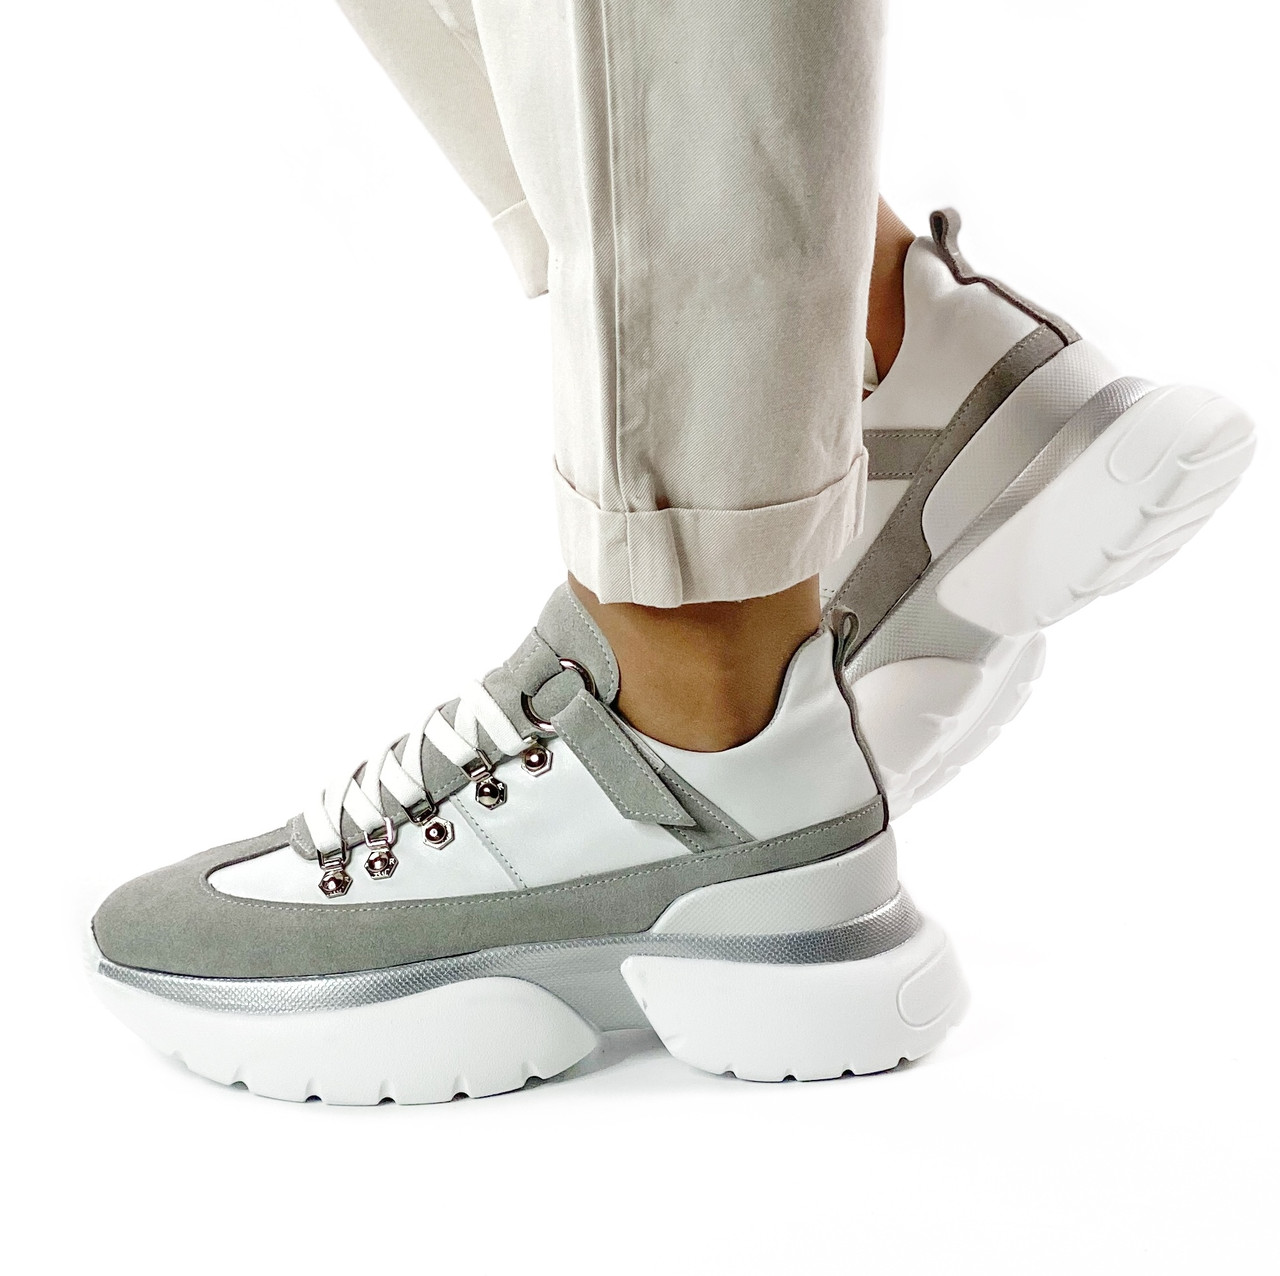 Жіночі сірі кросівки MORENTO - білий-сірий, натуральна шкіра, натуральна замша, весна/літо/осінь